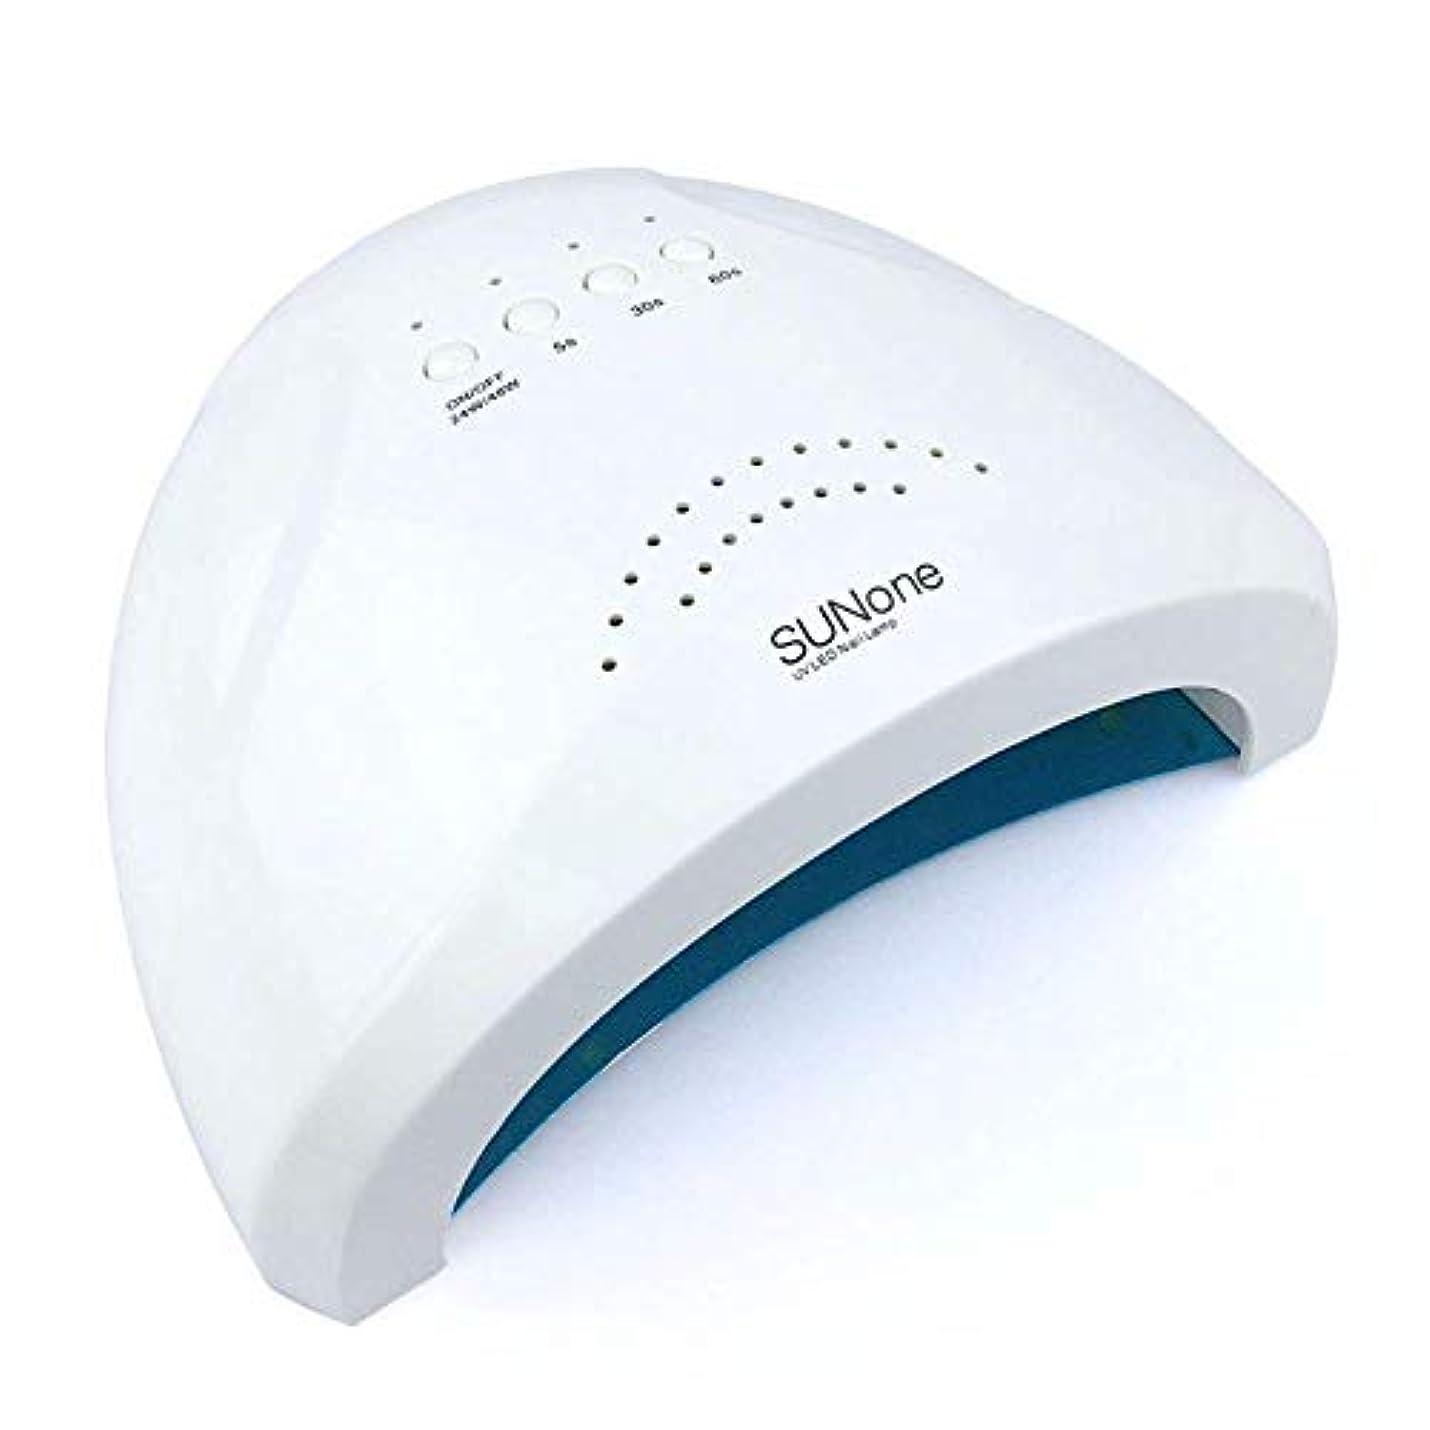 欠如フィヨルドよろめくネイルドライヤーネイルドライヤー24W / 48W UV LEDネイルランプスマートセンサー5s / 30s / 60s UV LEDネイルジェル硬化用時間設定機、写真の色